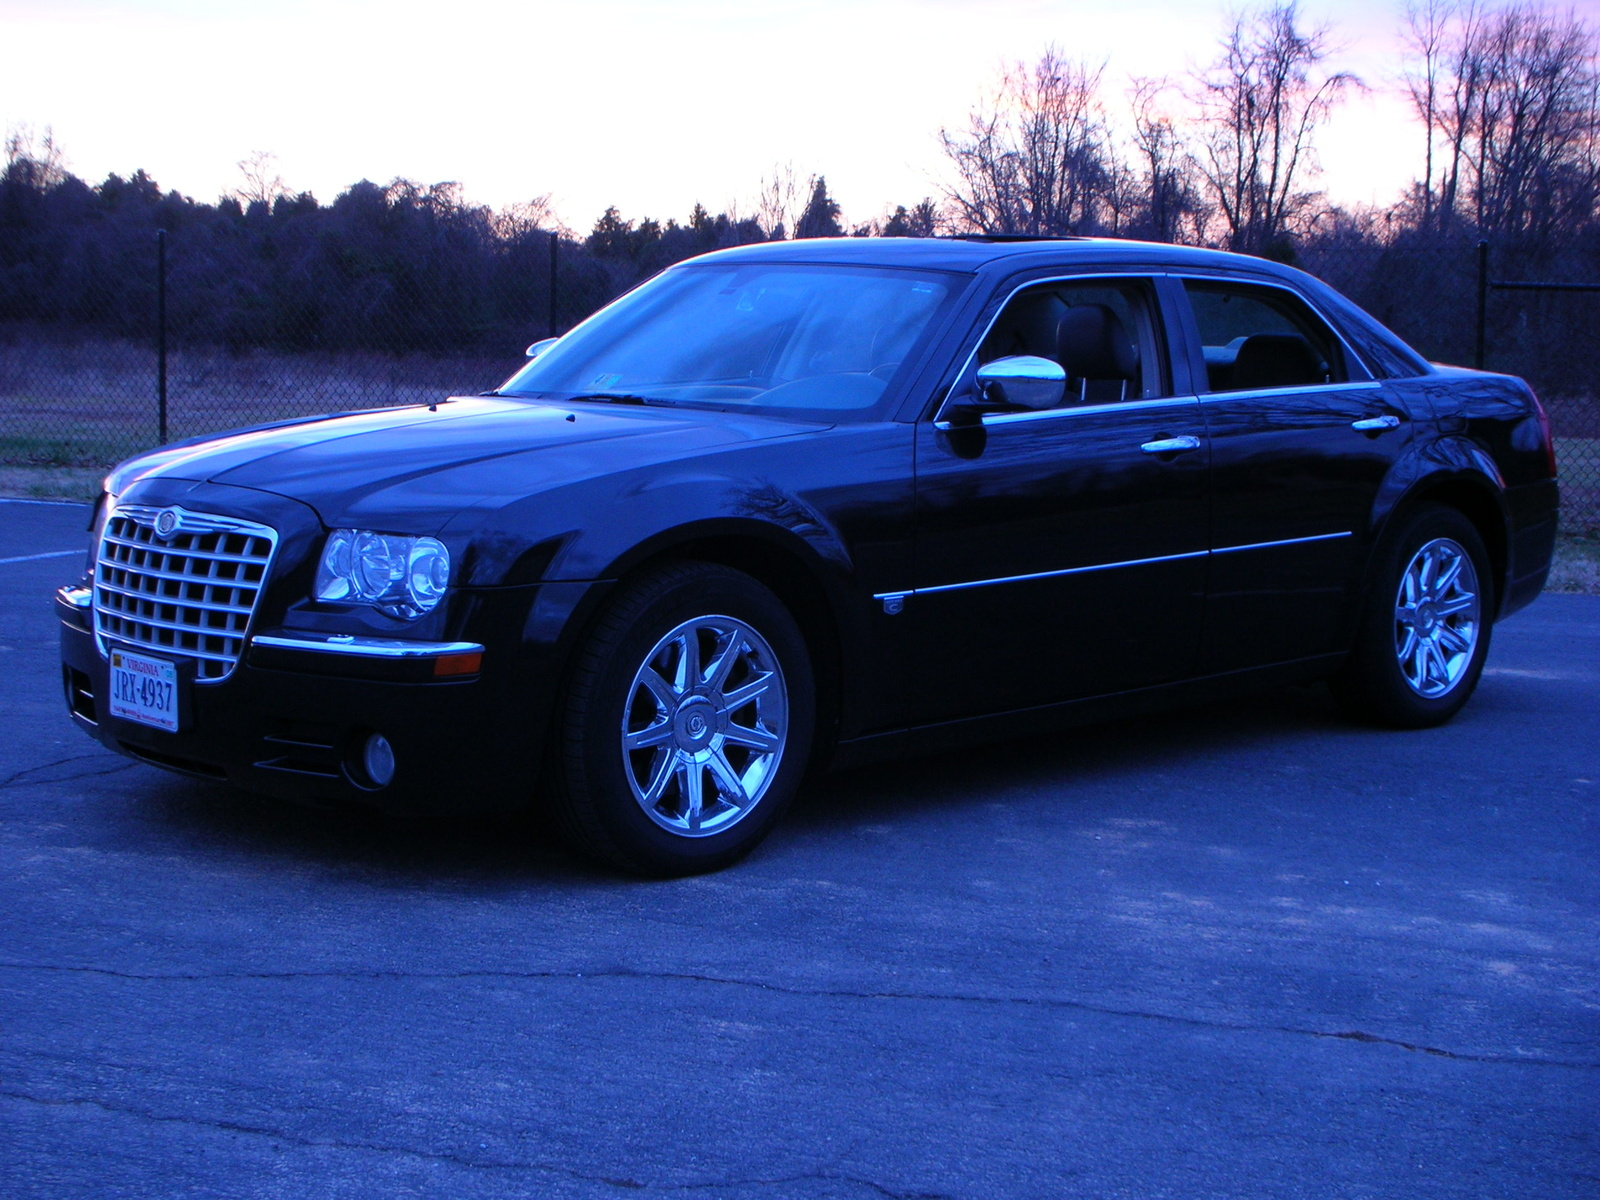 2005 Chrysler 300c Hemi Wiring Diagram Schematics Data 300 Srt8 Engine Get Free Image About 06 Radio